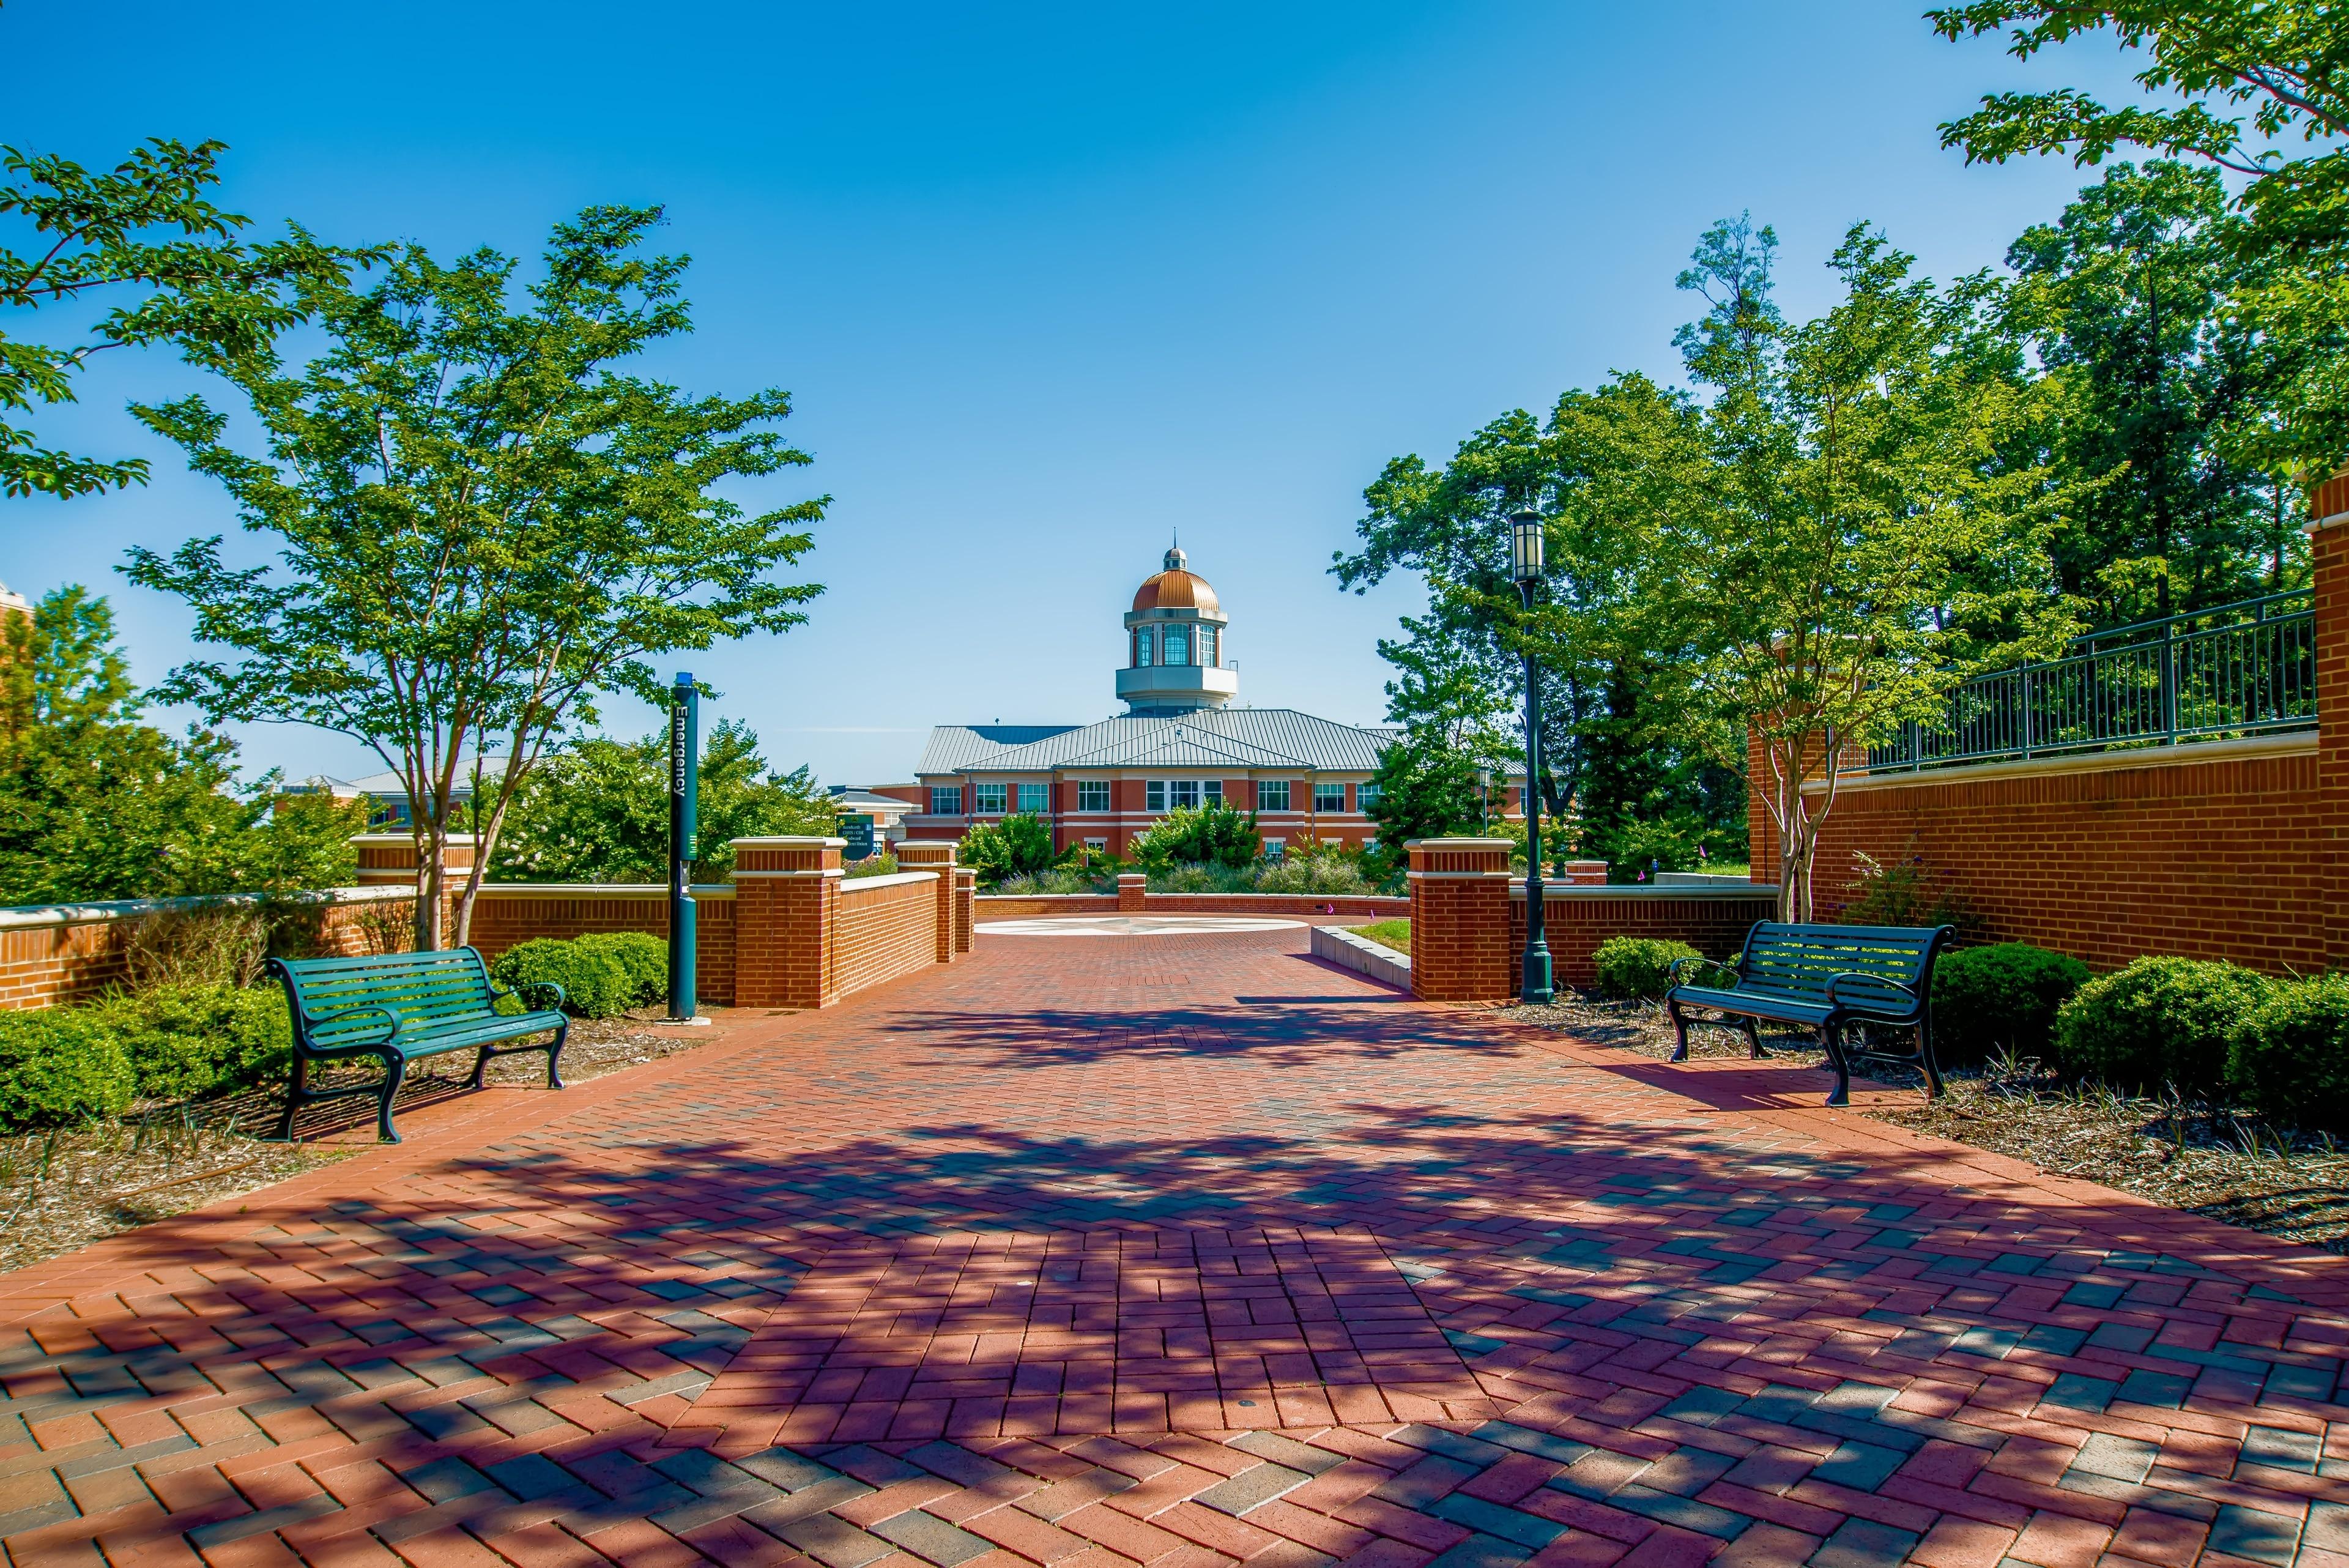 University of North Carolina at Charlotte, Charlotte, North Carolina, United States of America